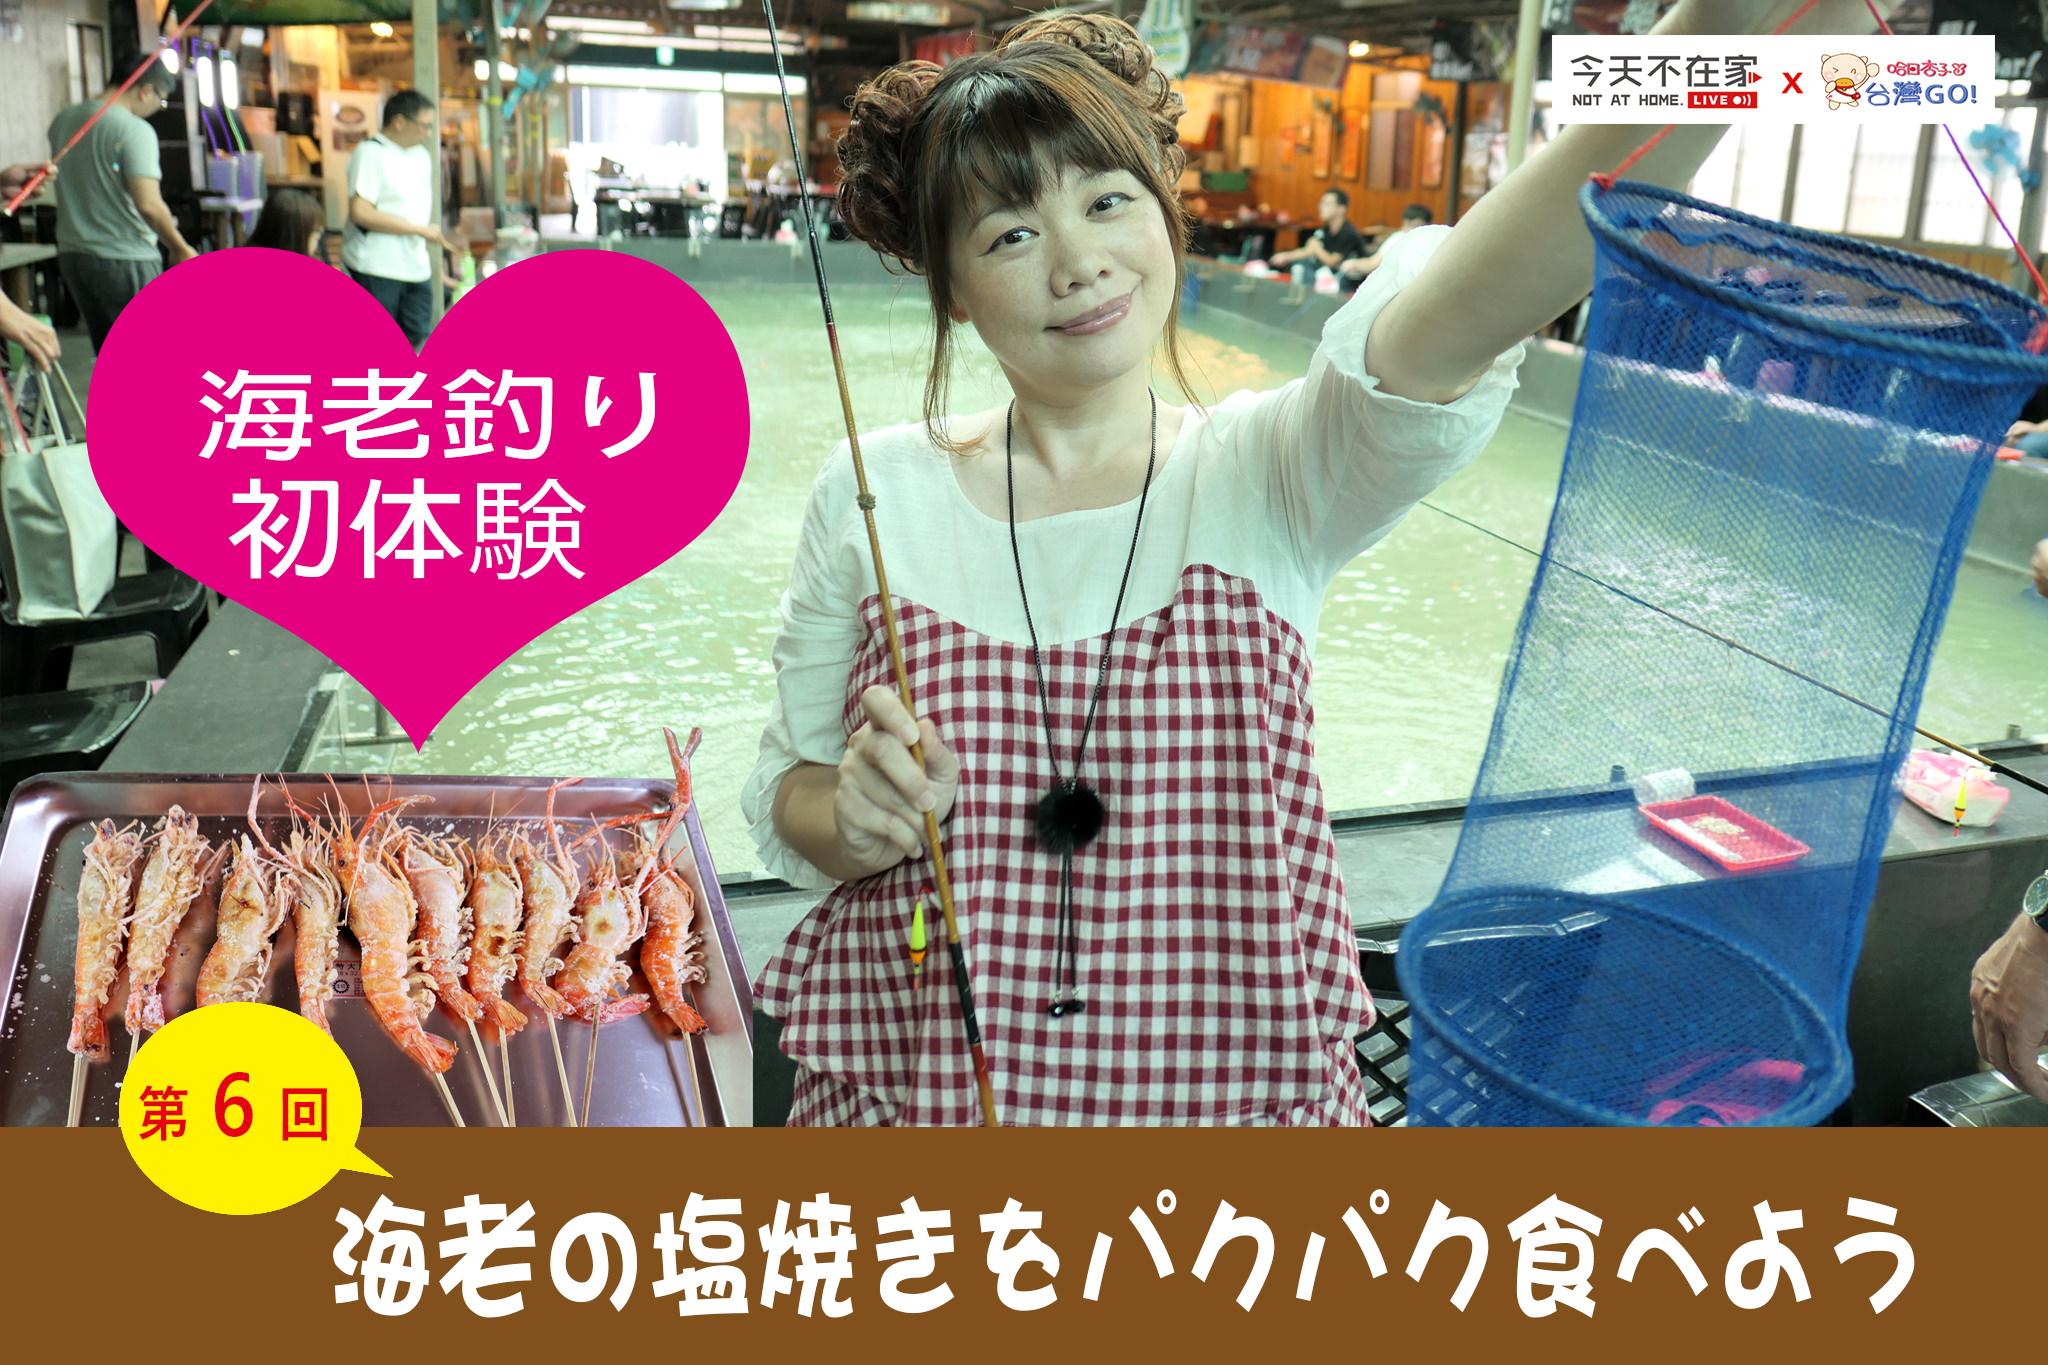 【哈日杏子*台灣GO】第6回・海老釣り初体験*海老の塩焼きをパクパク食べよう